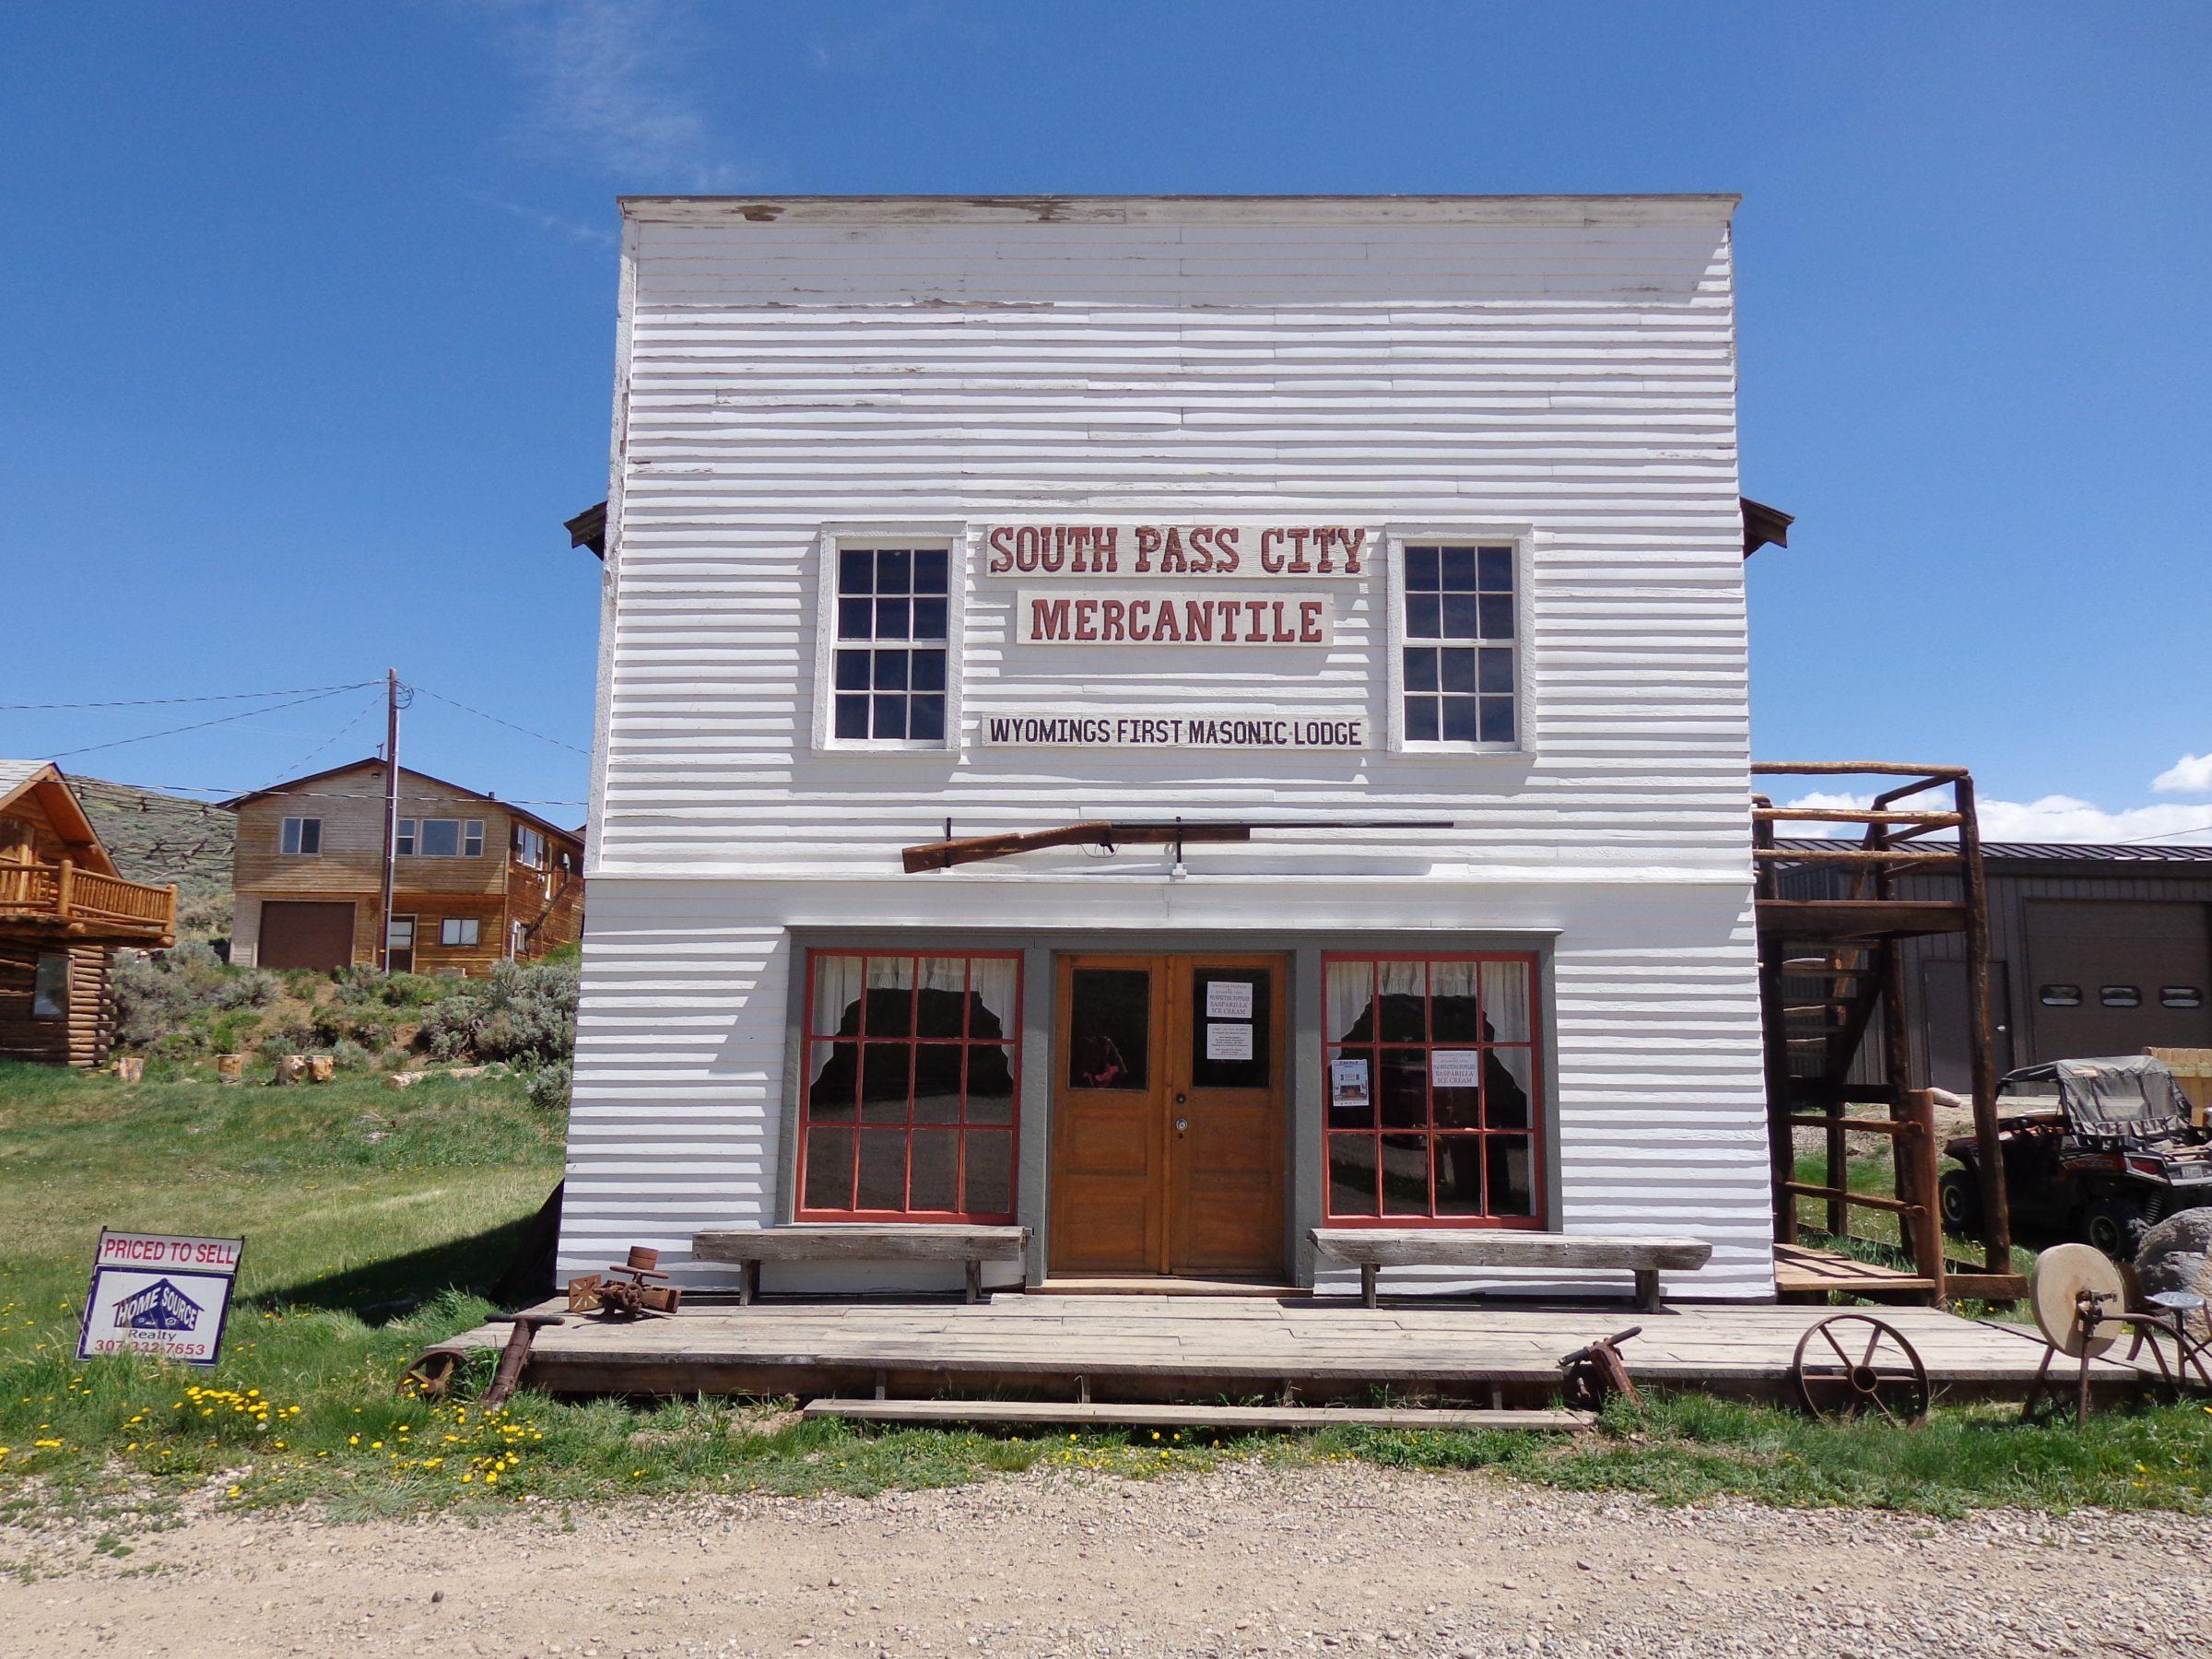 De lodge van vrijmetselaars in South Pass City